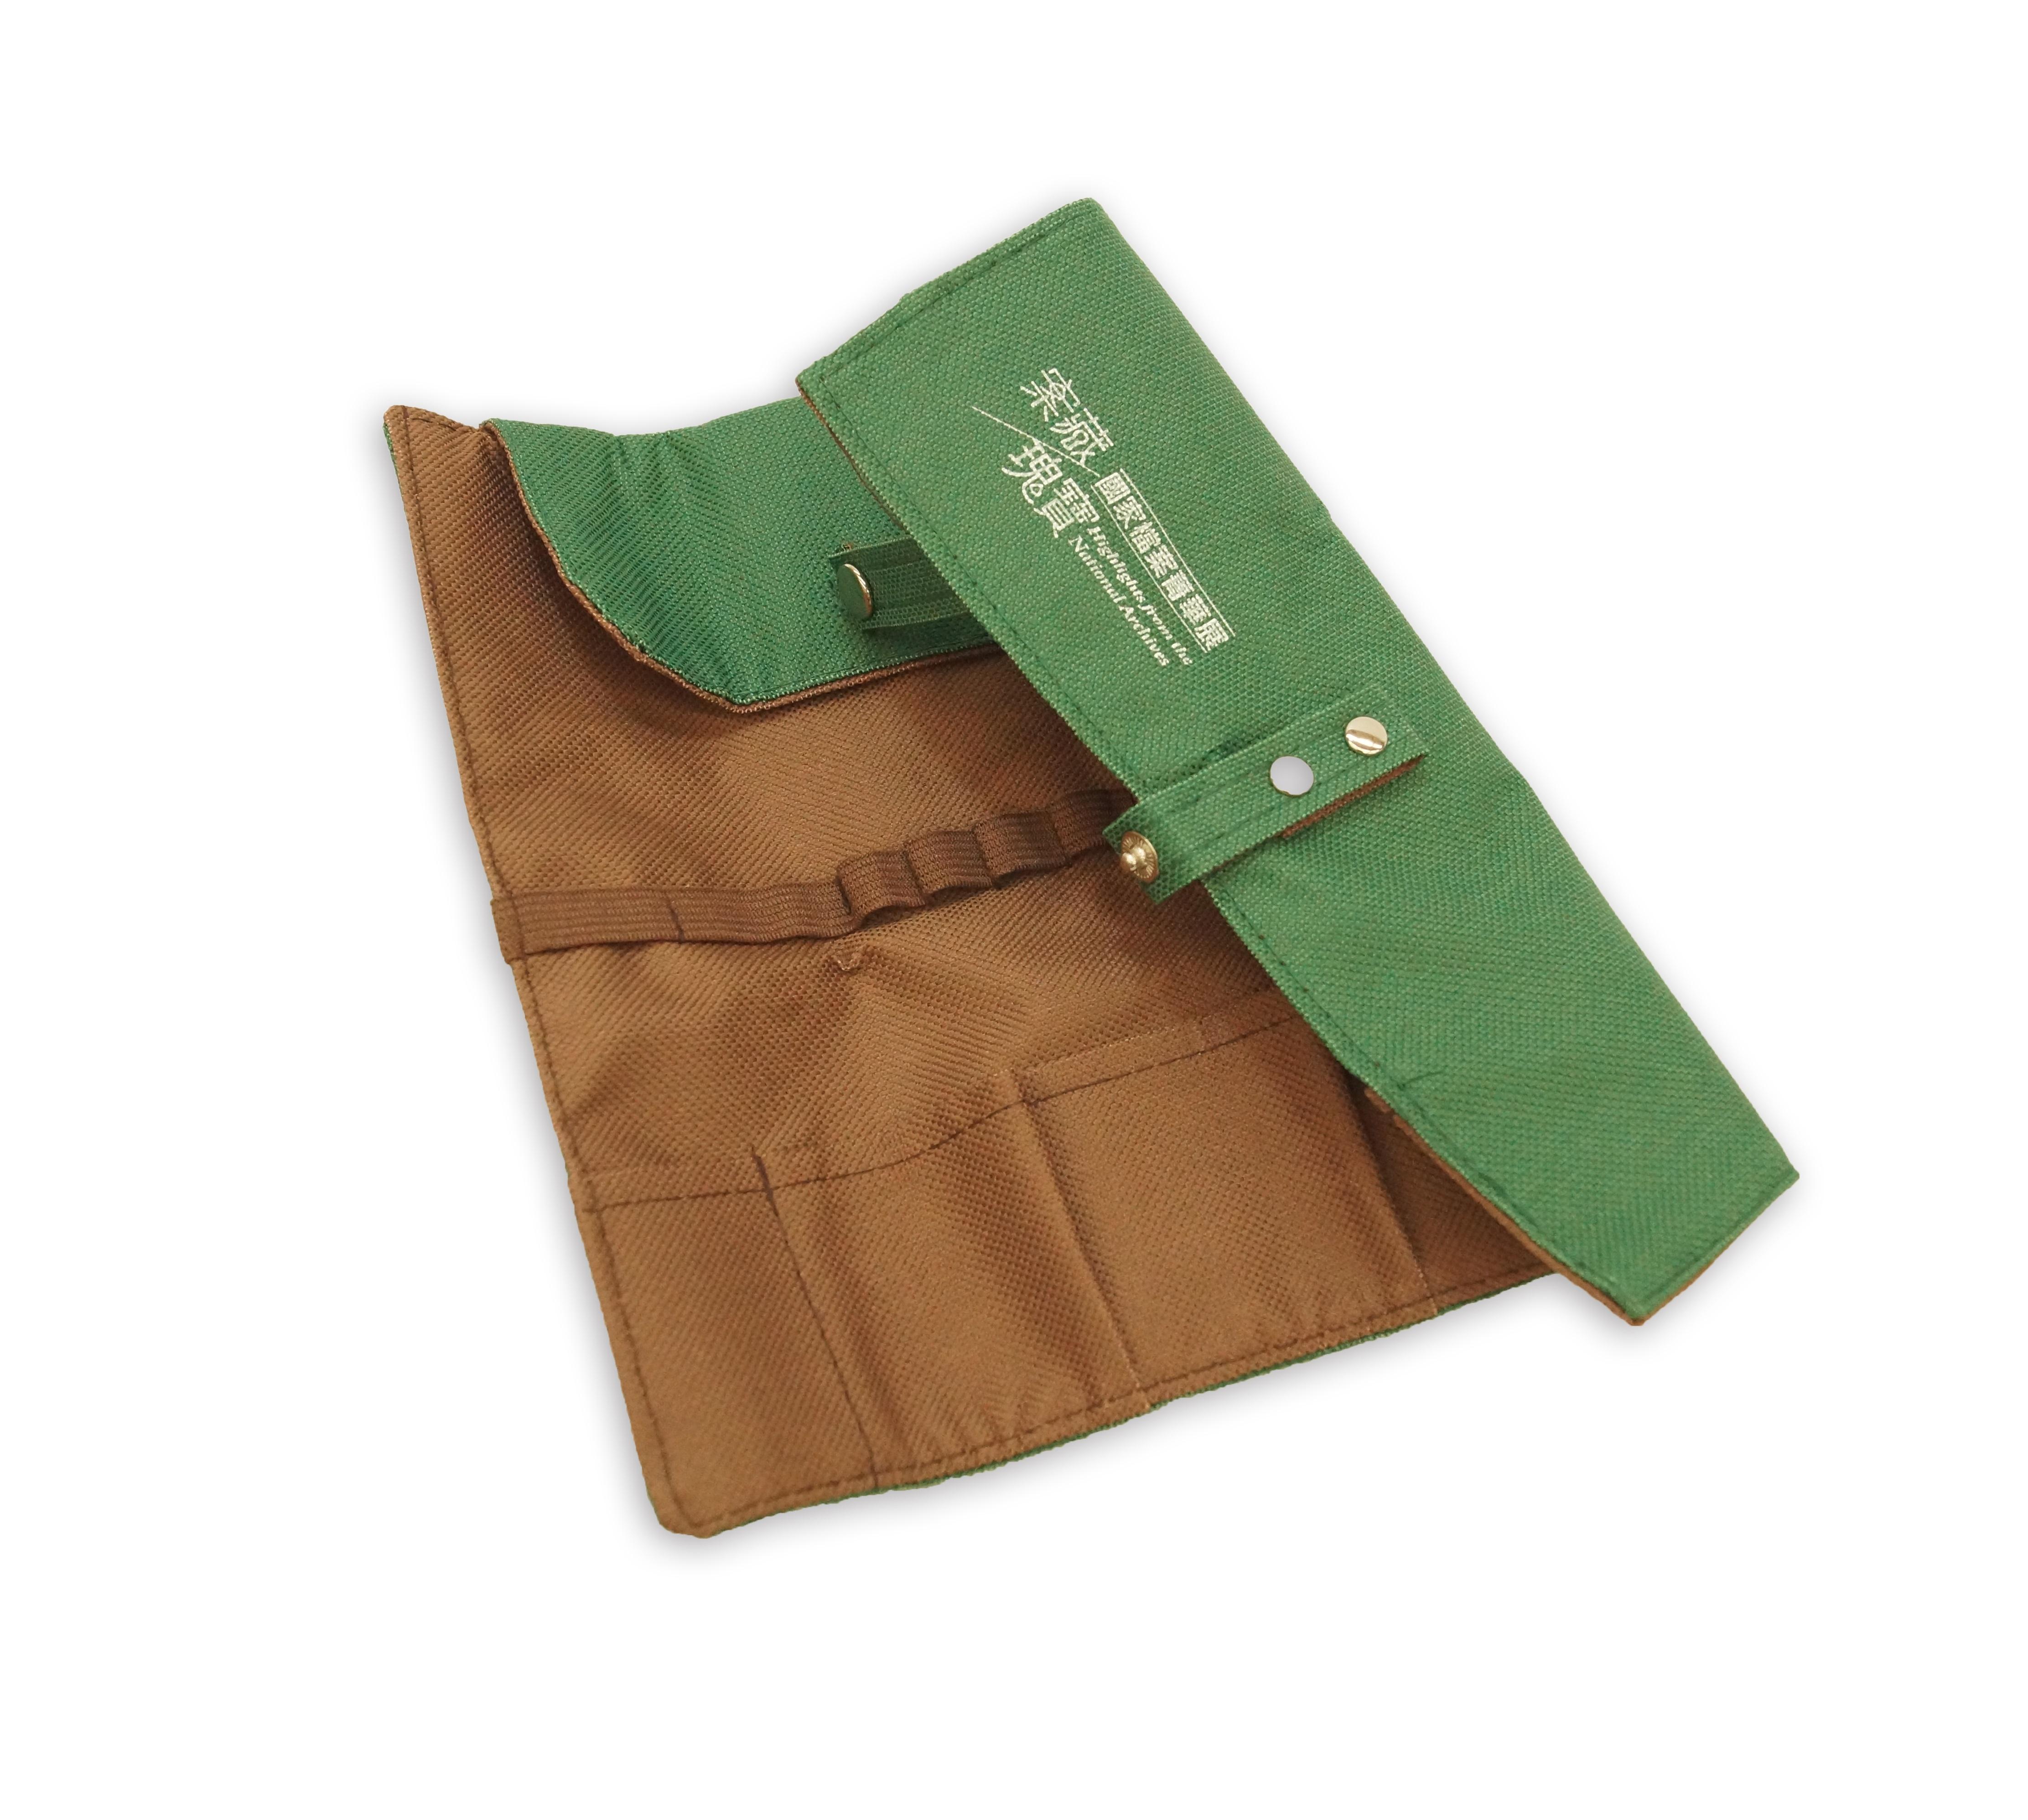 檔案瑰寶綠色筆袋